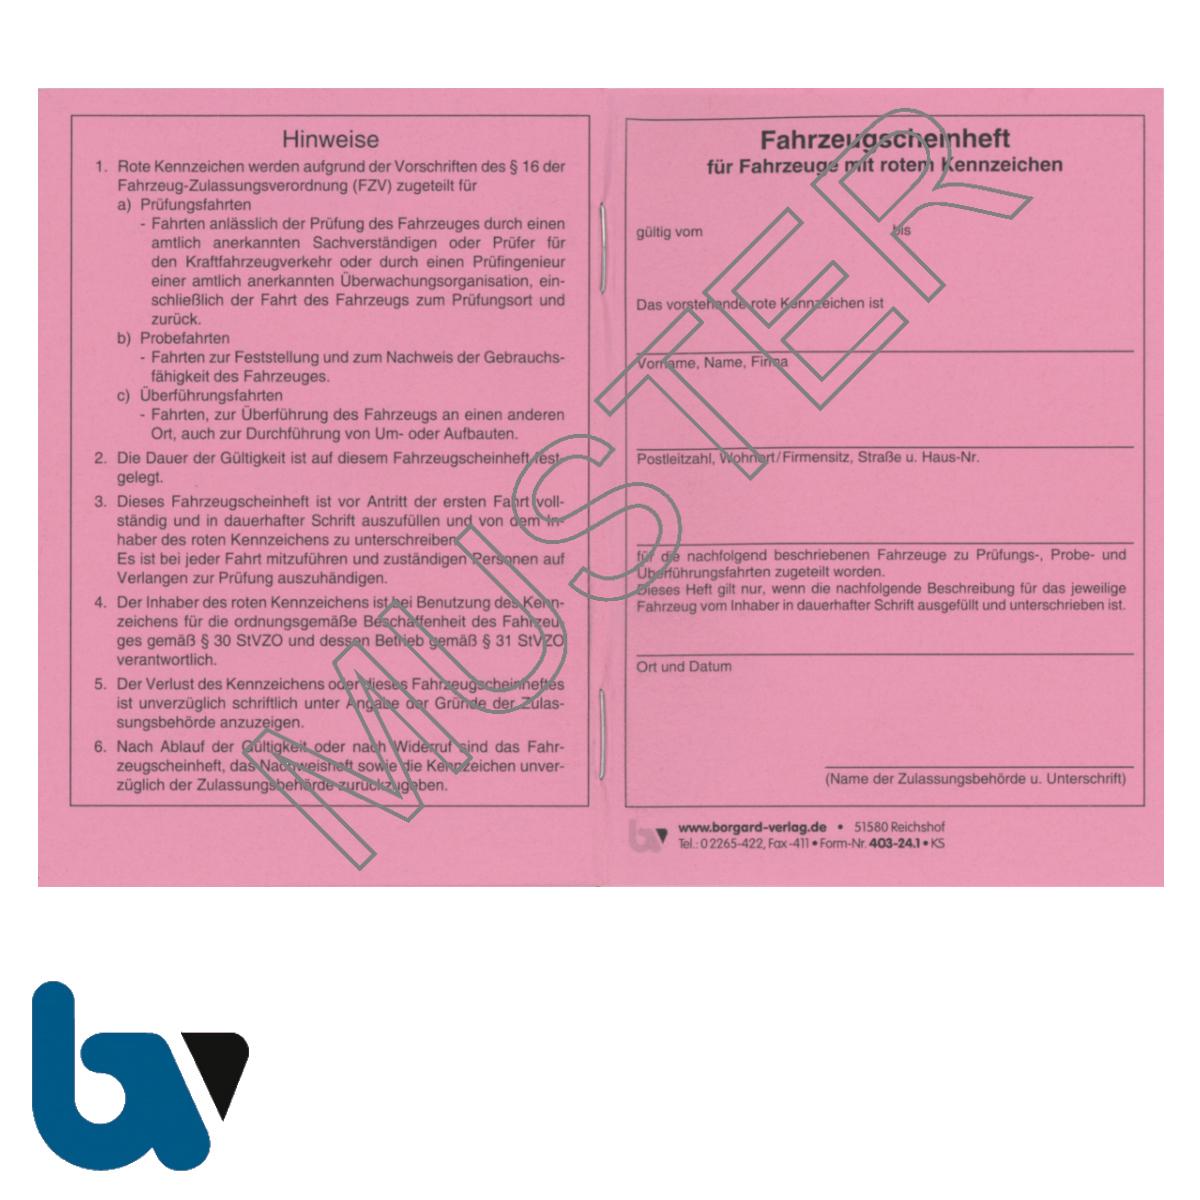 403-24.1 Fahrzeugscheinheft rot Kennzeichen §16 Anlage 9 FzV Fahrzeug Zulassungsverordnung Neobond rosa DIN A7 Seite 1 | Borgard Verlag GmbH